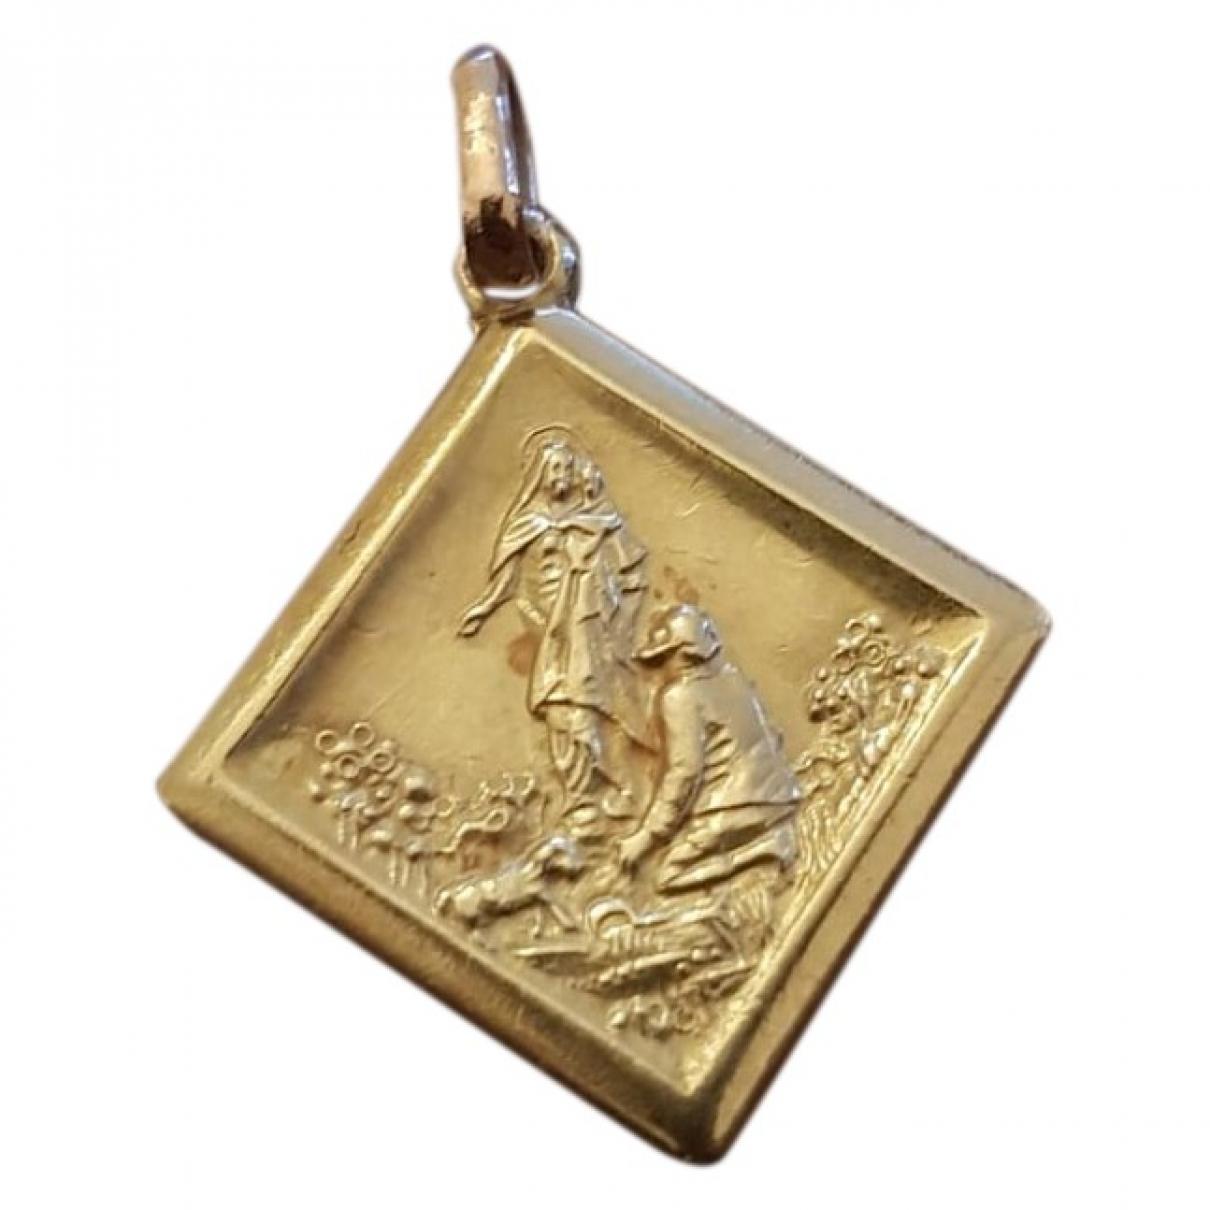 Colgante Medailles de Oro amarillo Non Signe / Unsigned